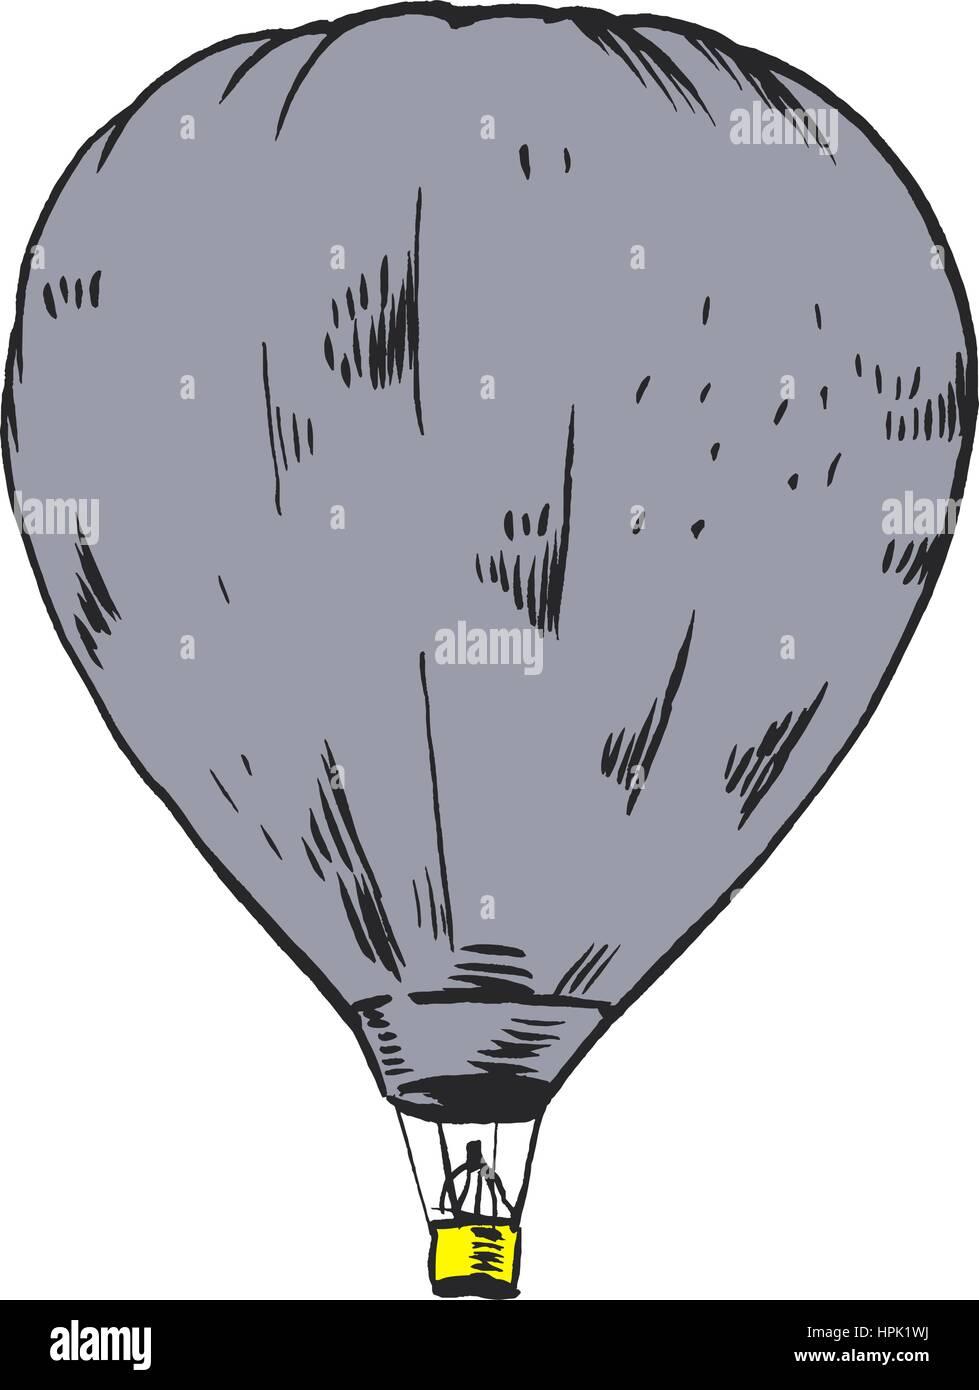 Hot Air Balloon Cartoon Design Imágenes De Stock & Hot Air Balloon ...